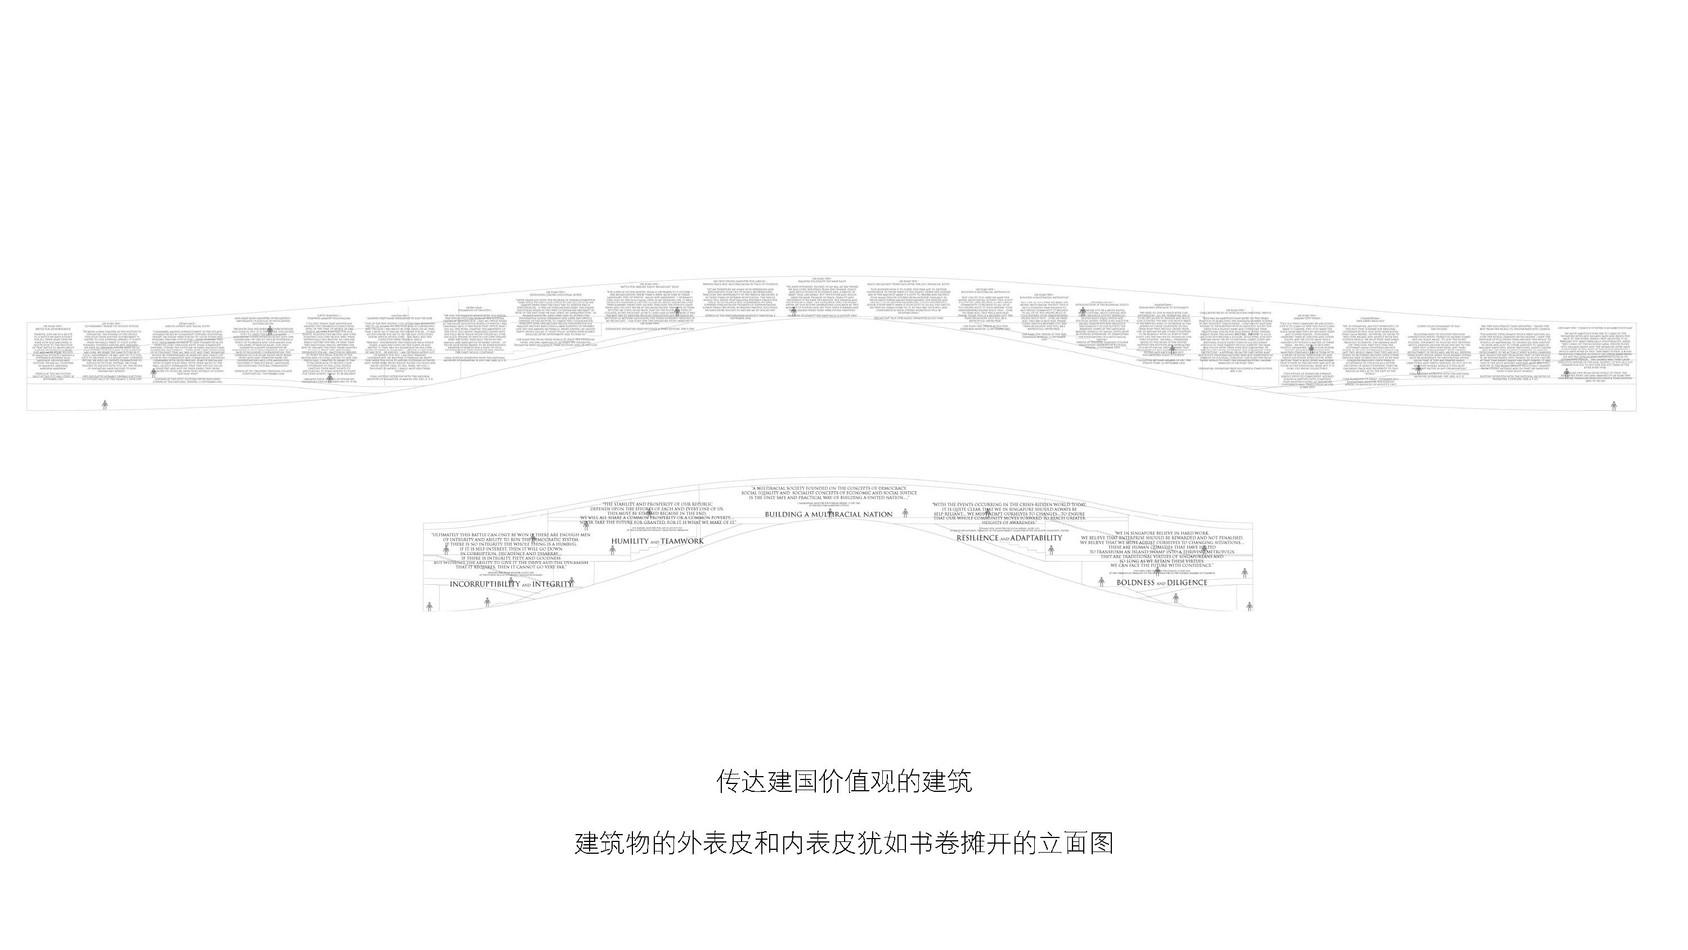 SINGAPORE-FOUNDERS'-MEMORIAL-ZH08.jpg